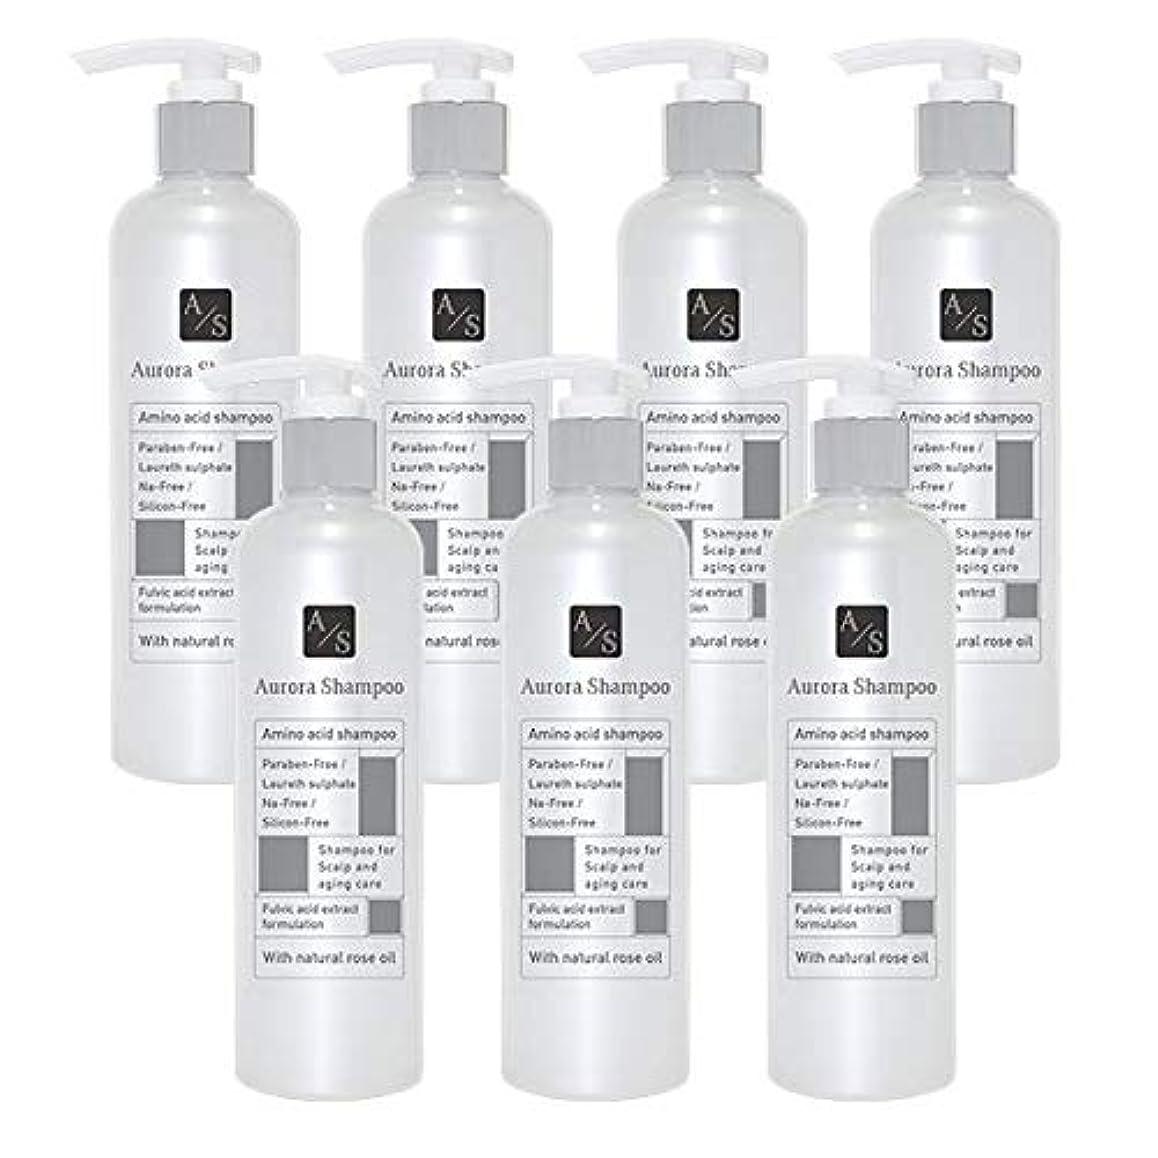 バレエジャポン「オーロラシャンプー」フルボ酸 ミノキシジル誘導体 スカルプケア オーガニックアミノ酸シャンプー300ml (7本限定ラベル)